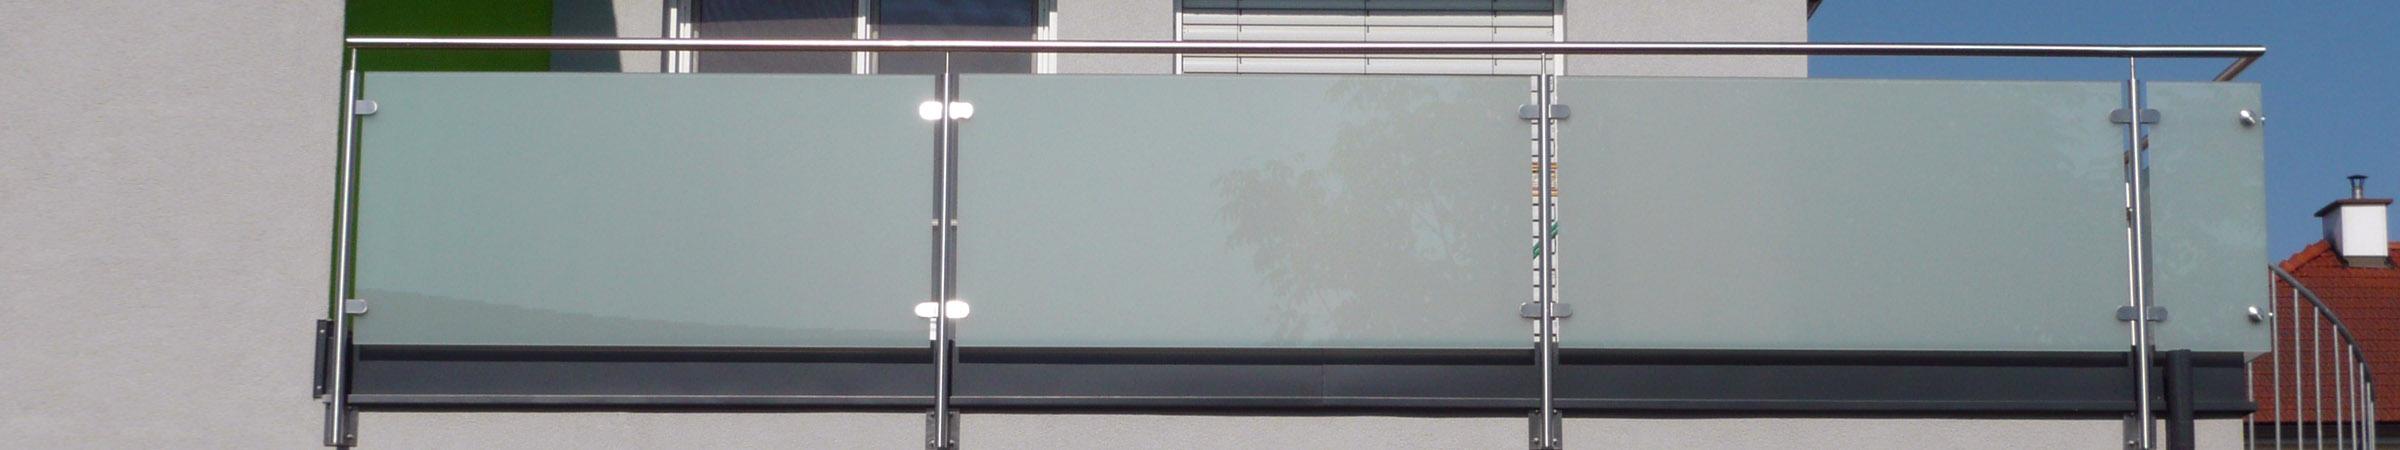 Balkongeländer und Terrassengeländer mit Glasfüllung